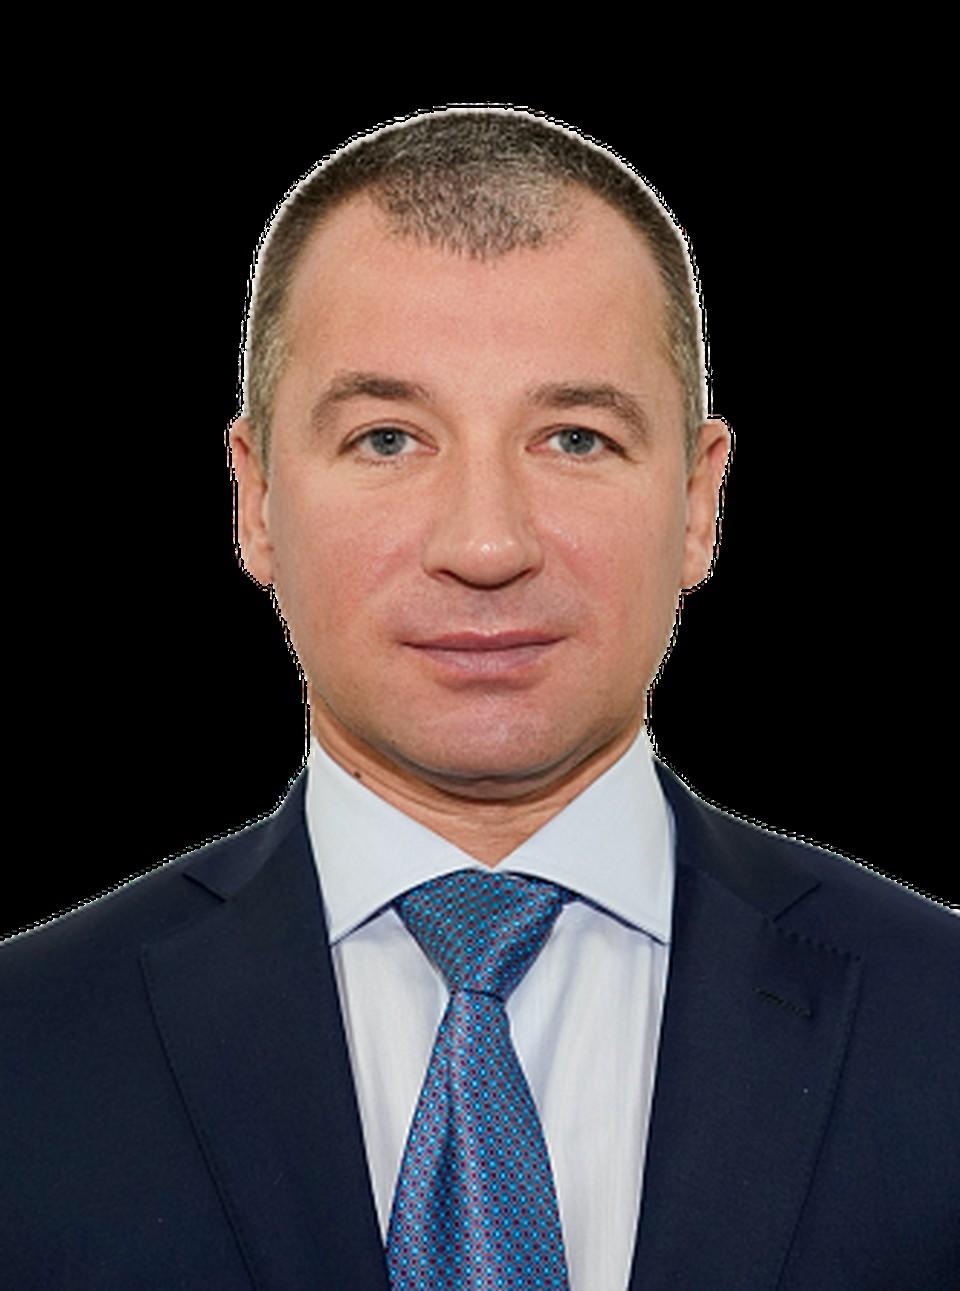 Алексей Соколов. Фото: мэрия Сочи